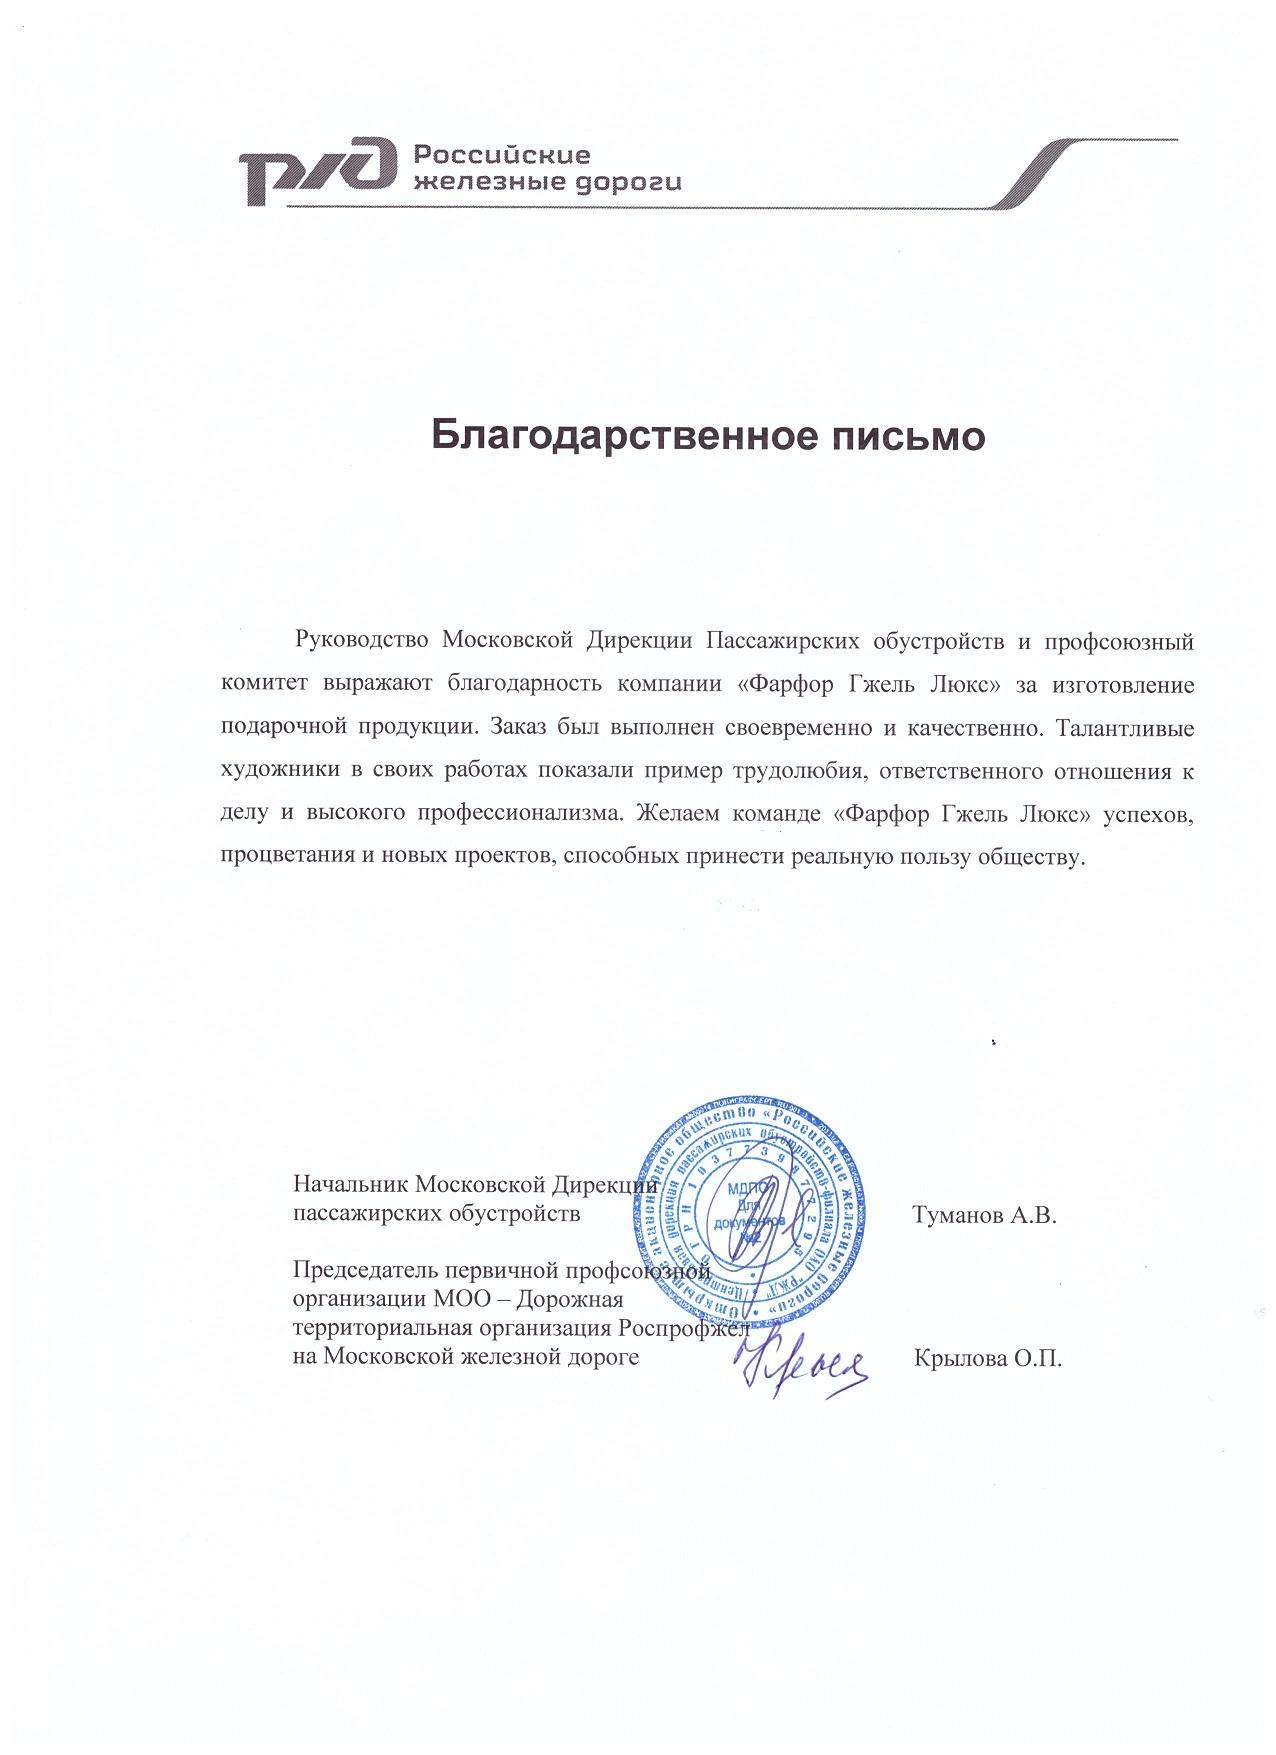 Благодарность_РЖД